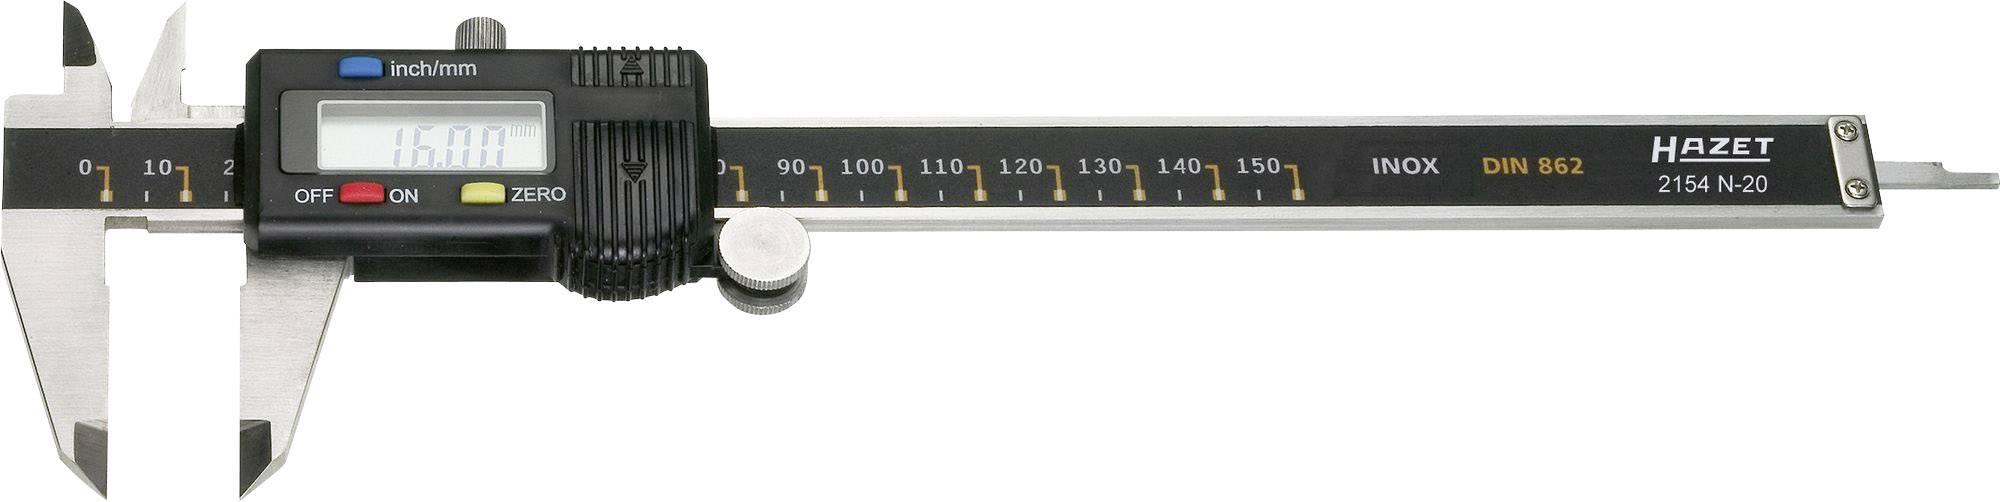 Digitální posuvné měřítko Hazet 2154N-20, měřicí rozsah 150 mm, Kalibrováno dle bez certifikátu